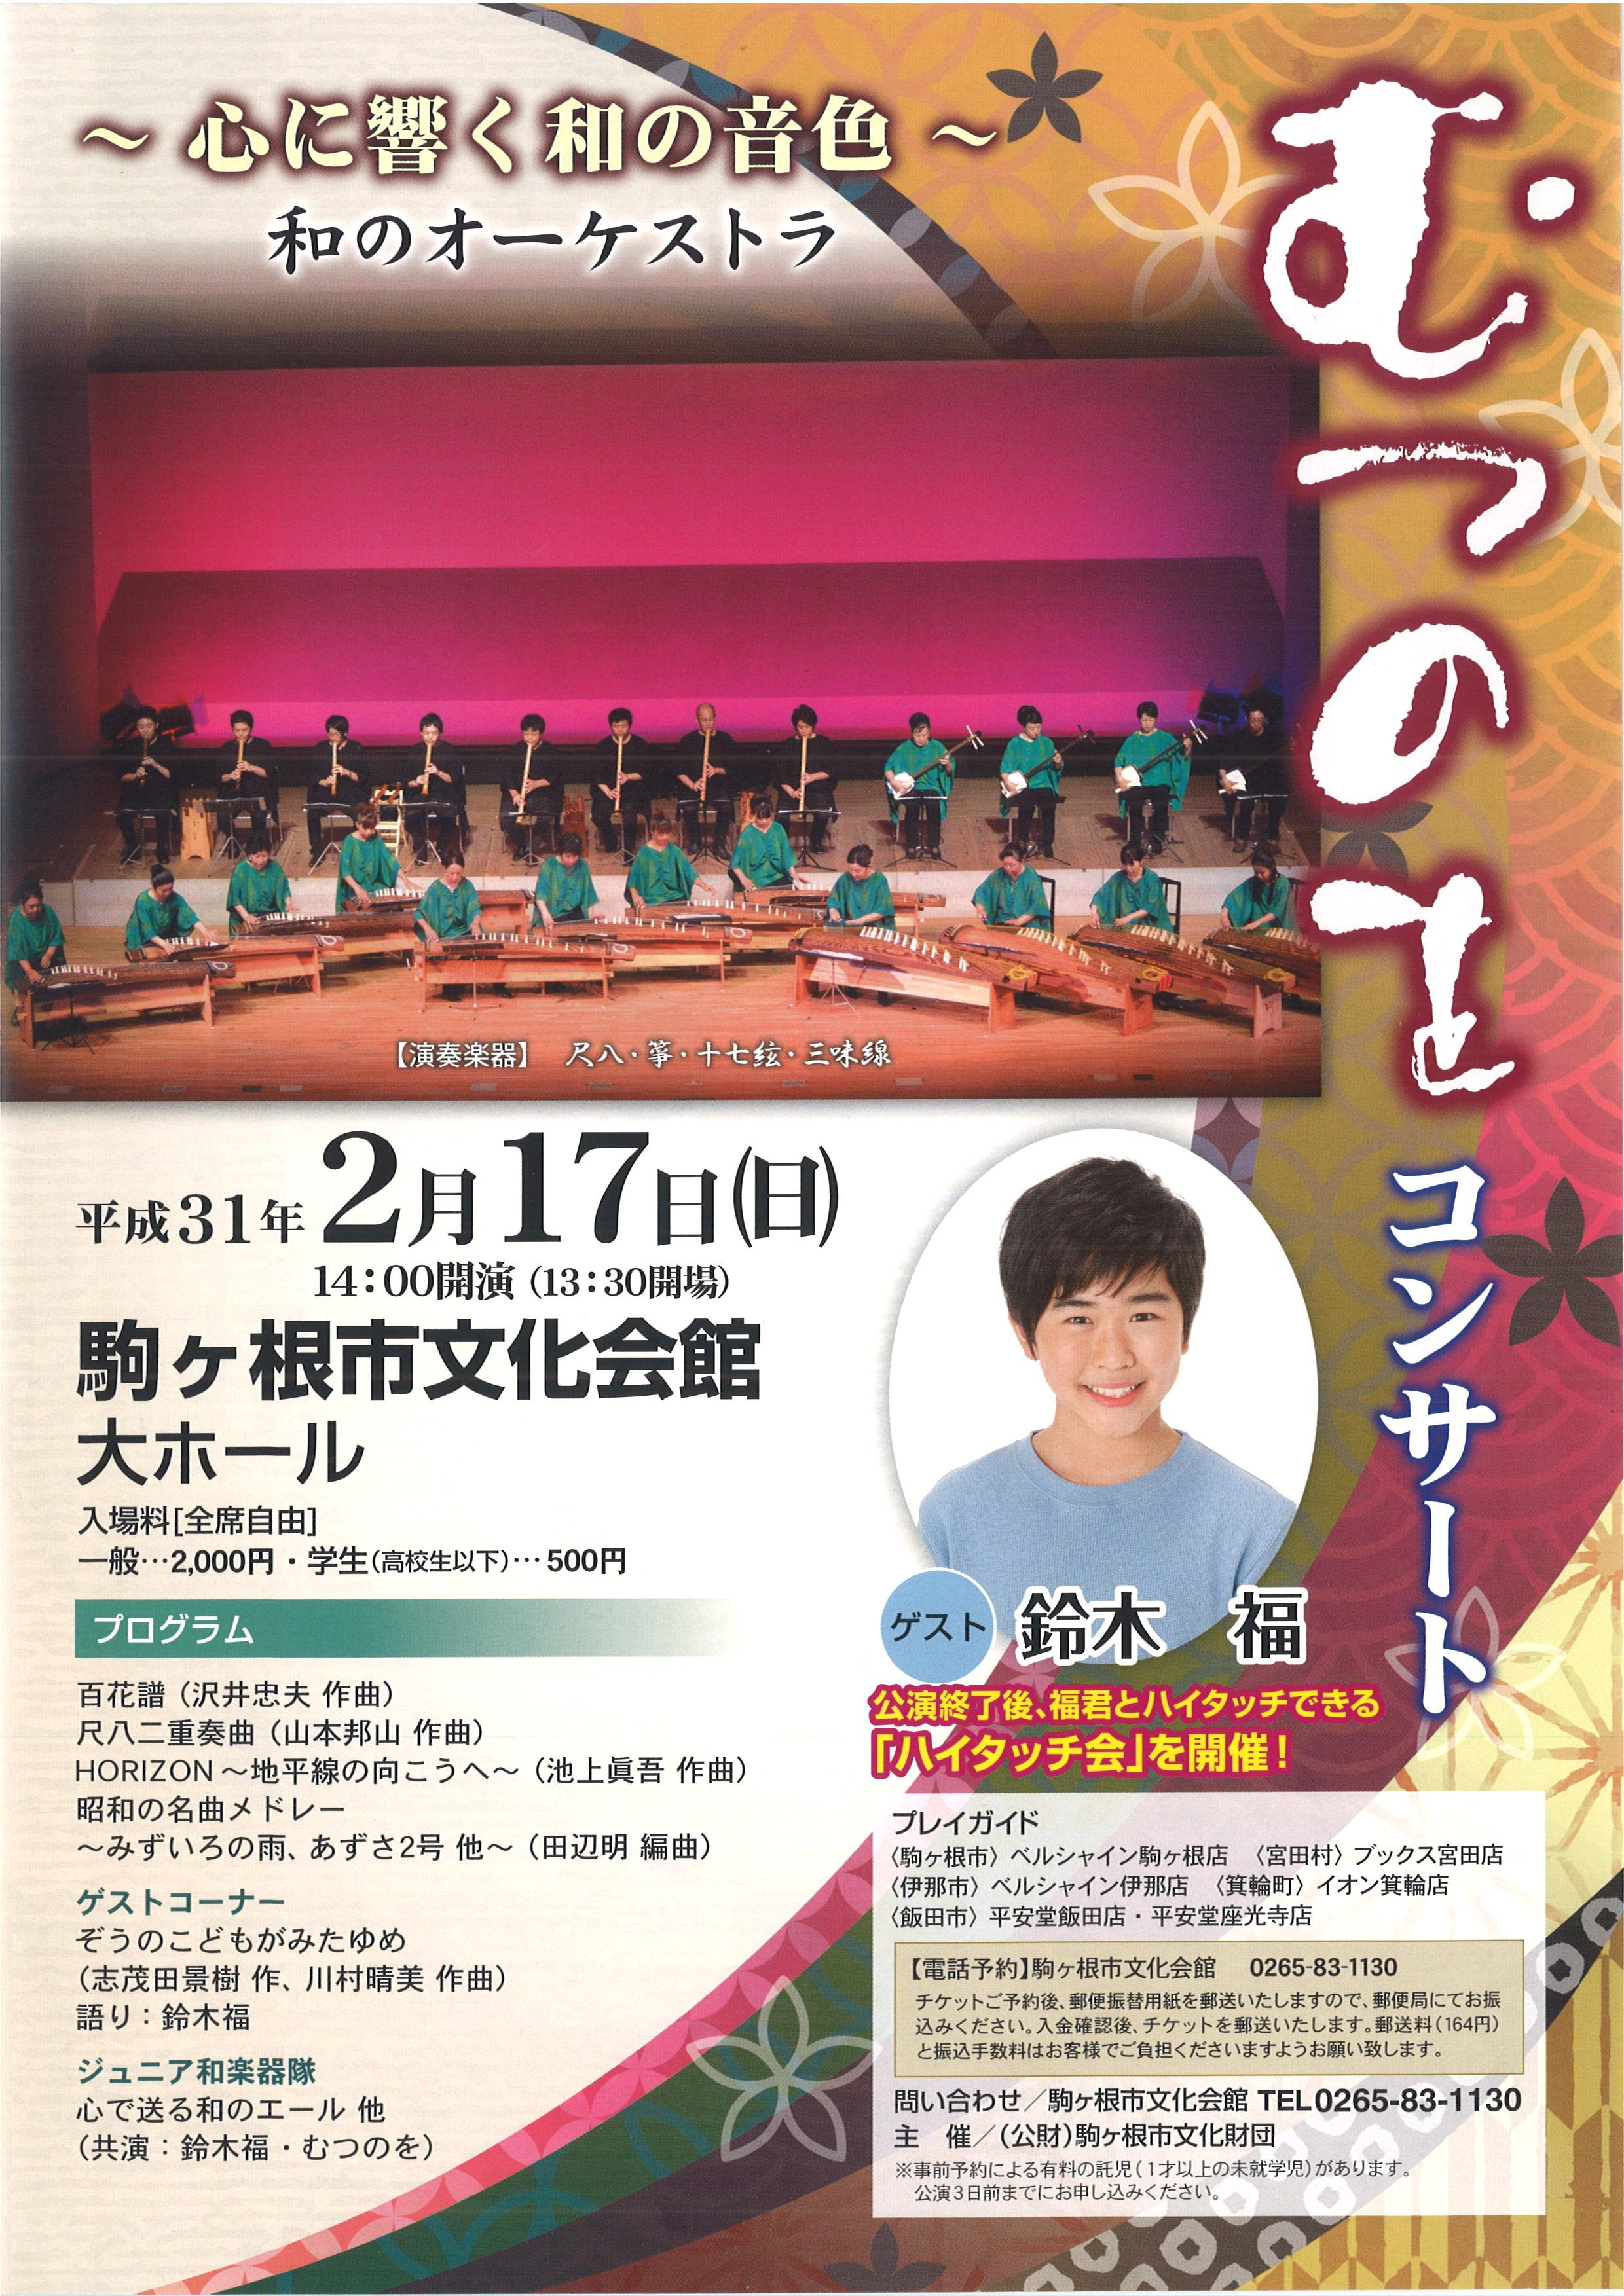 写真:<和のオーケストラ むつのをコンサート>